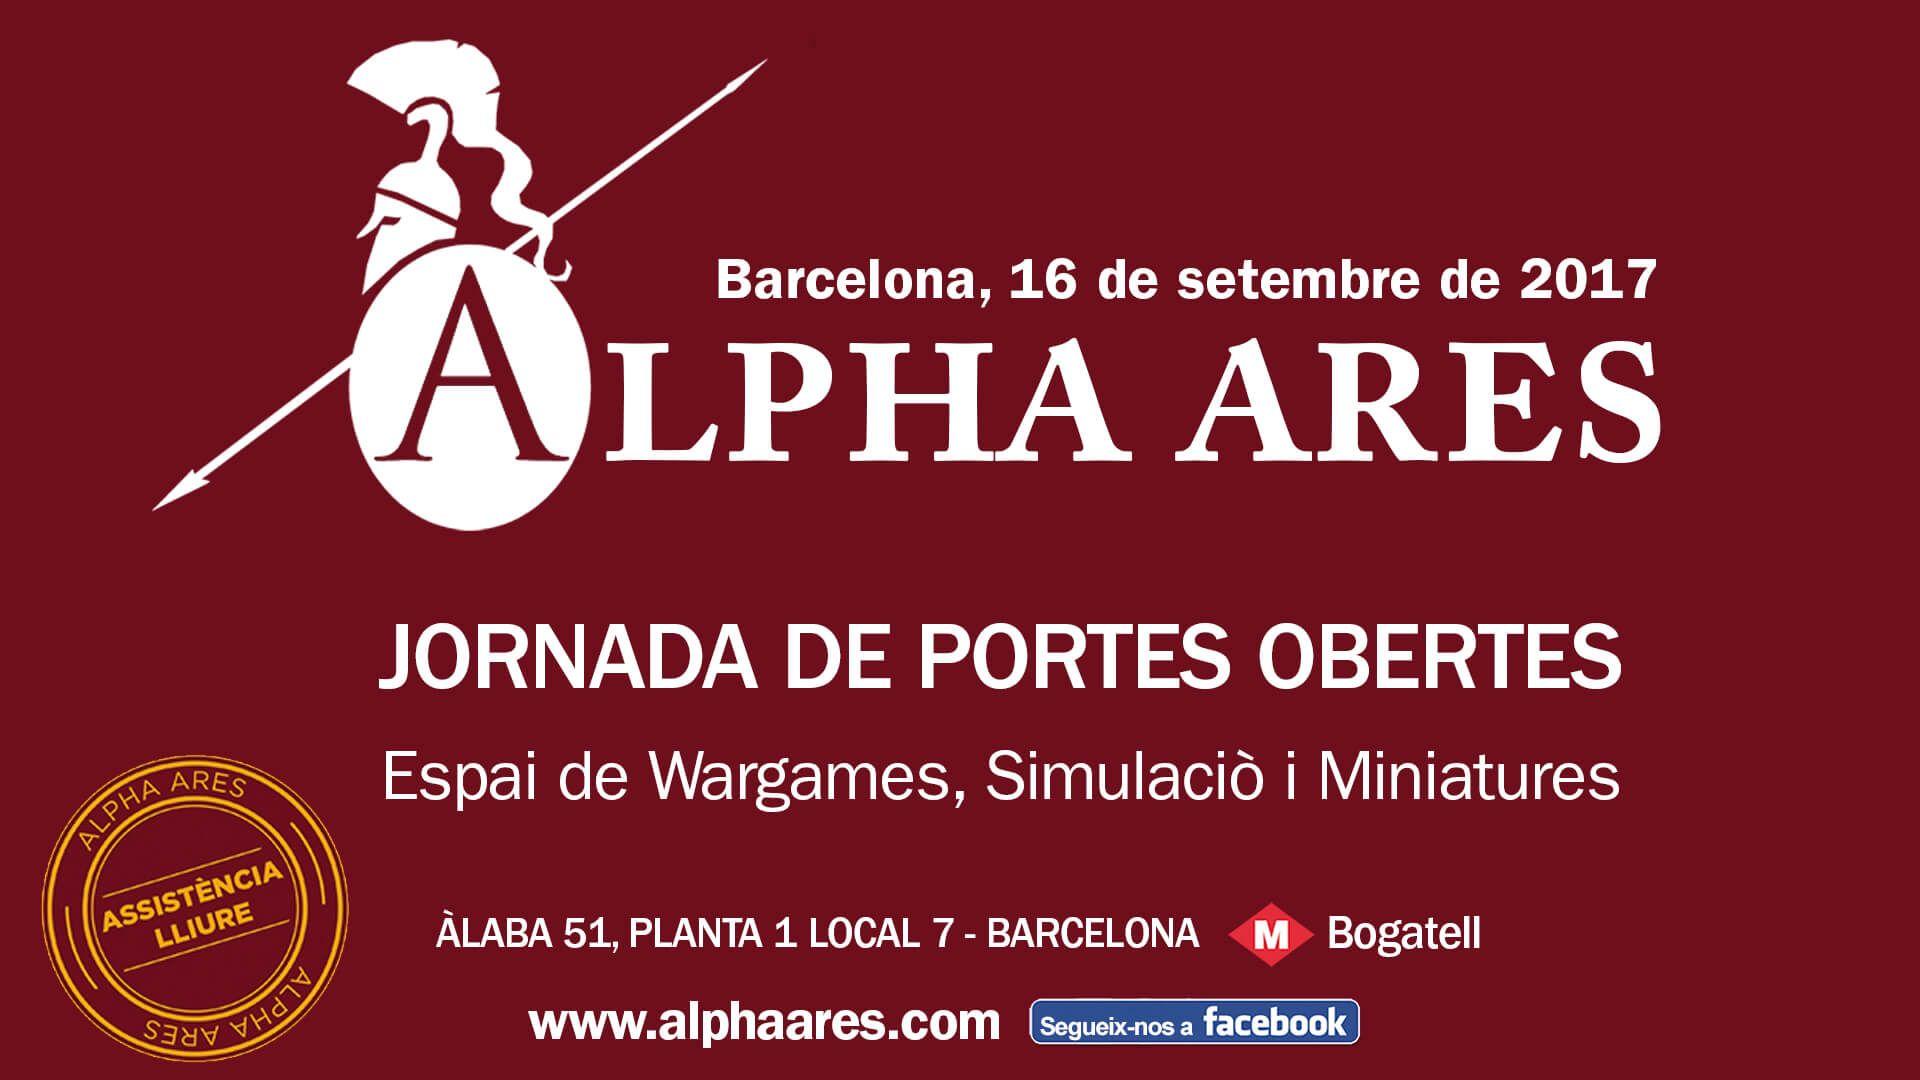 Alpha Ares portes obertes